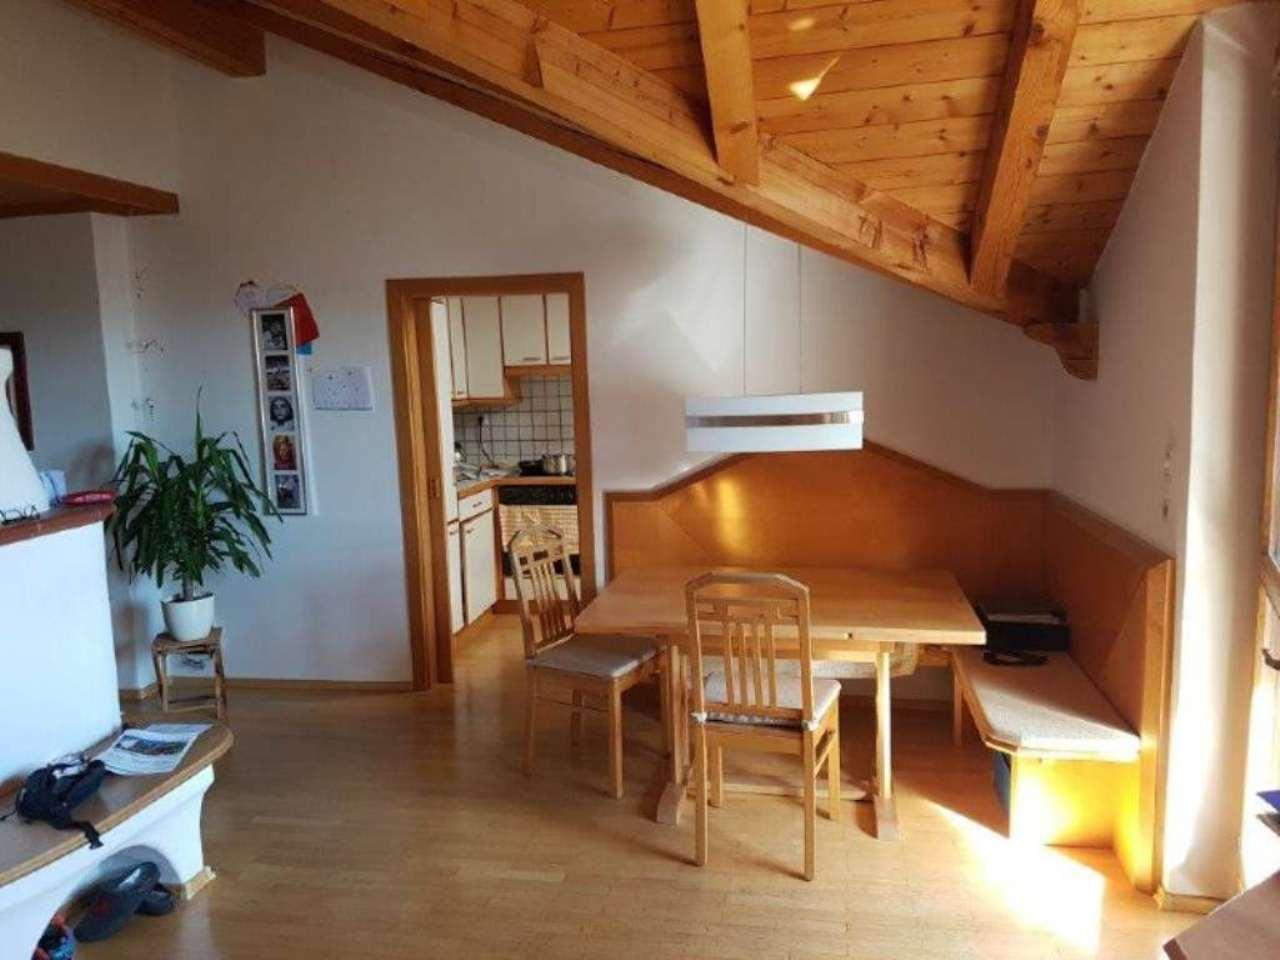 Attico / Mansarda in vendita a Appiano sulla Strada del Vino, 3 locali, prezzo € 300.000 | Cambio Casa.it